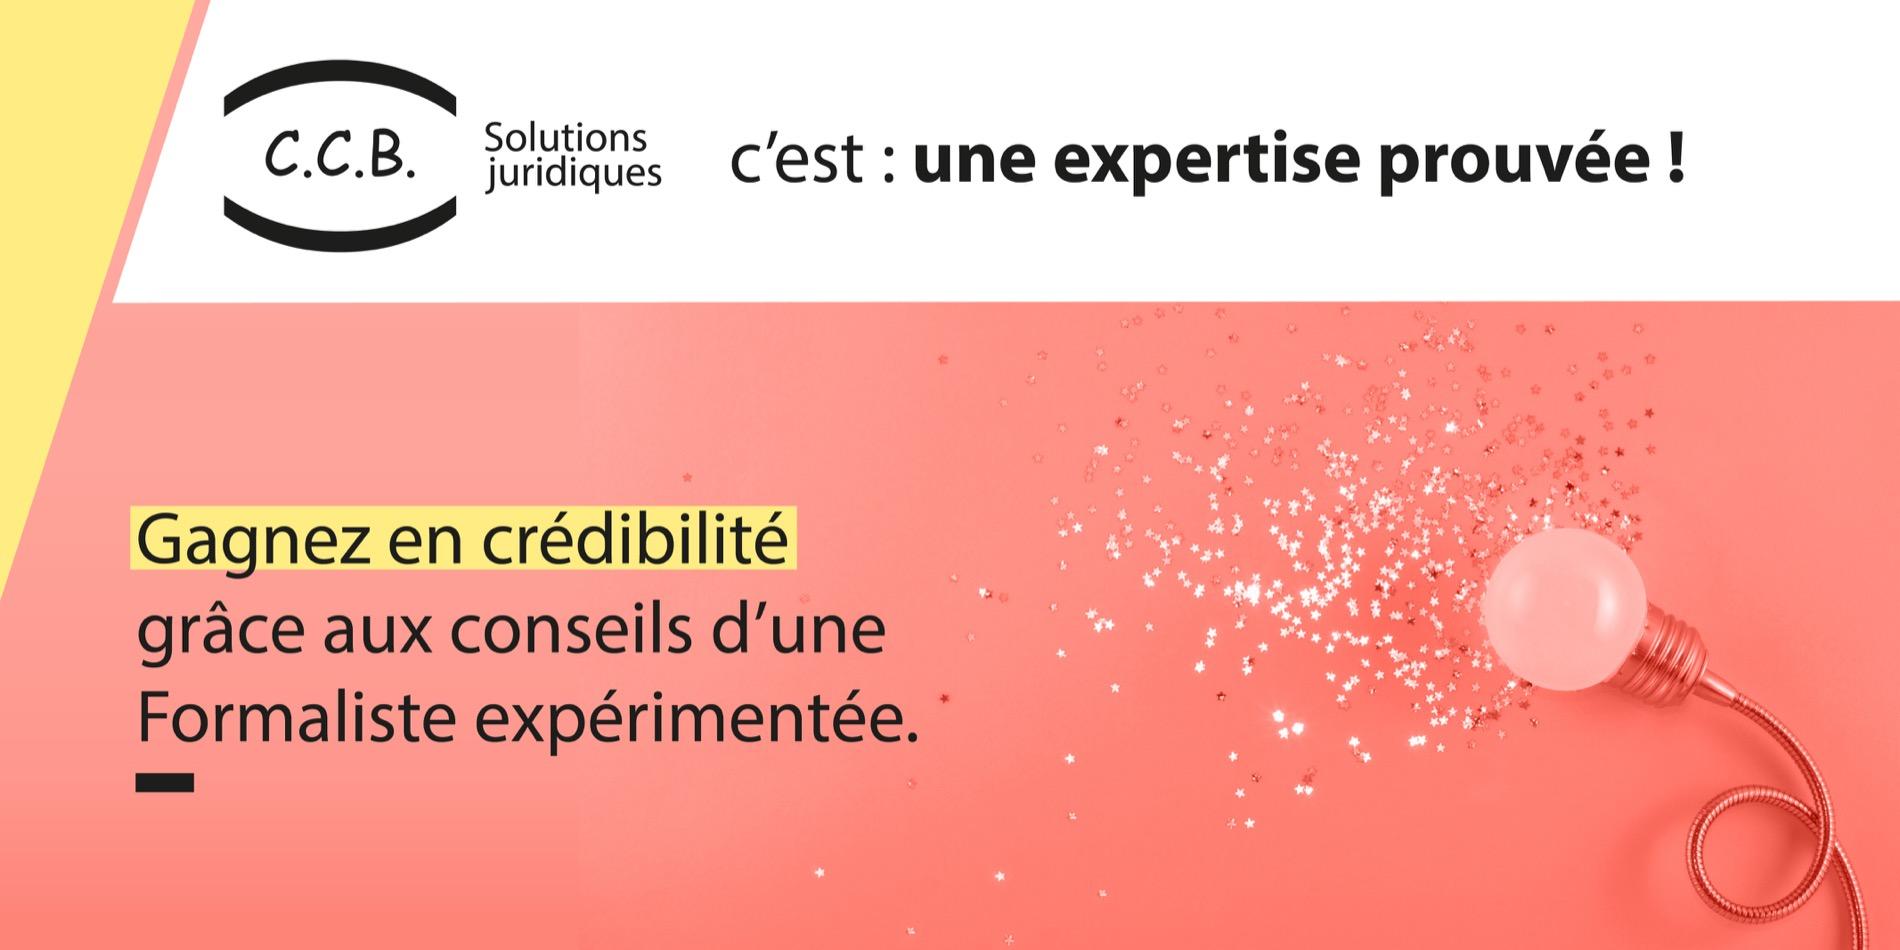 Bénéfices clients - Crédibilité